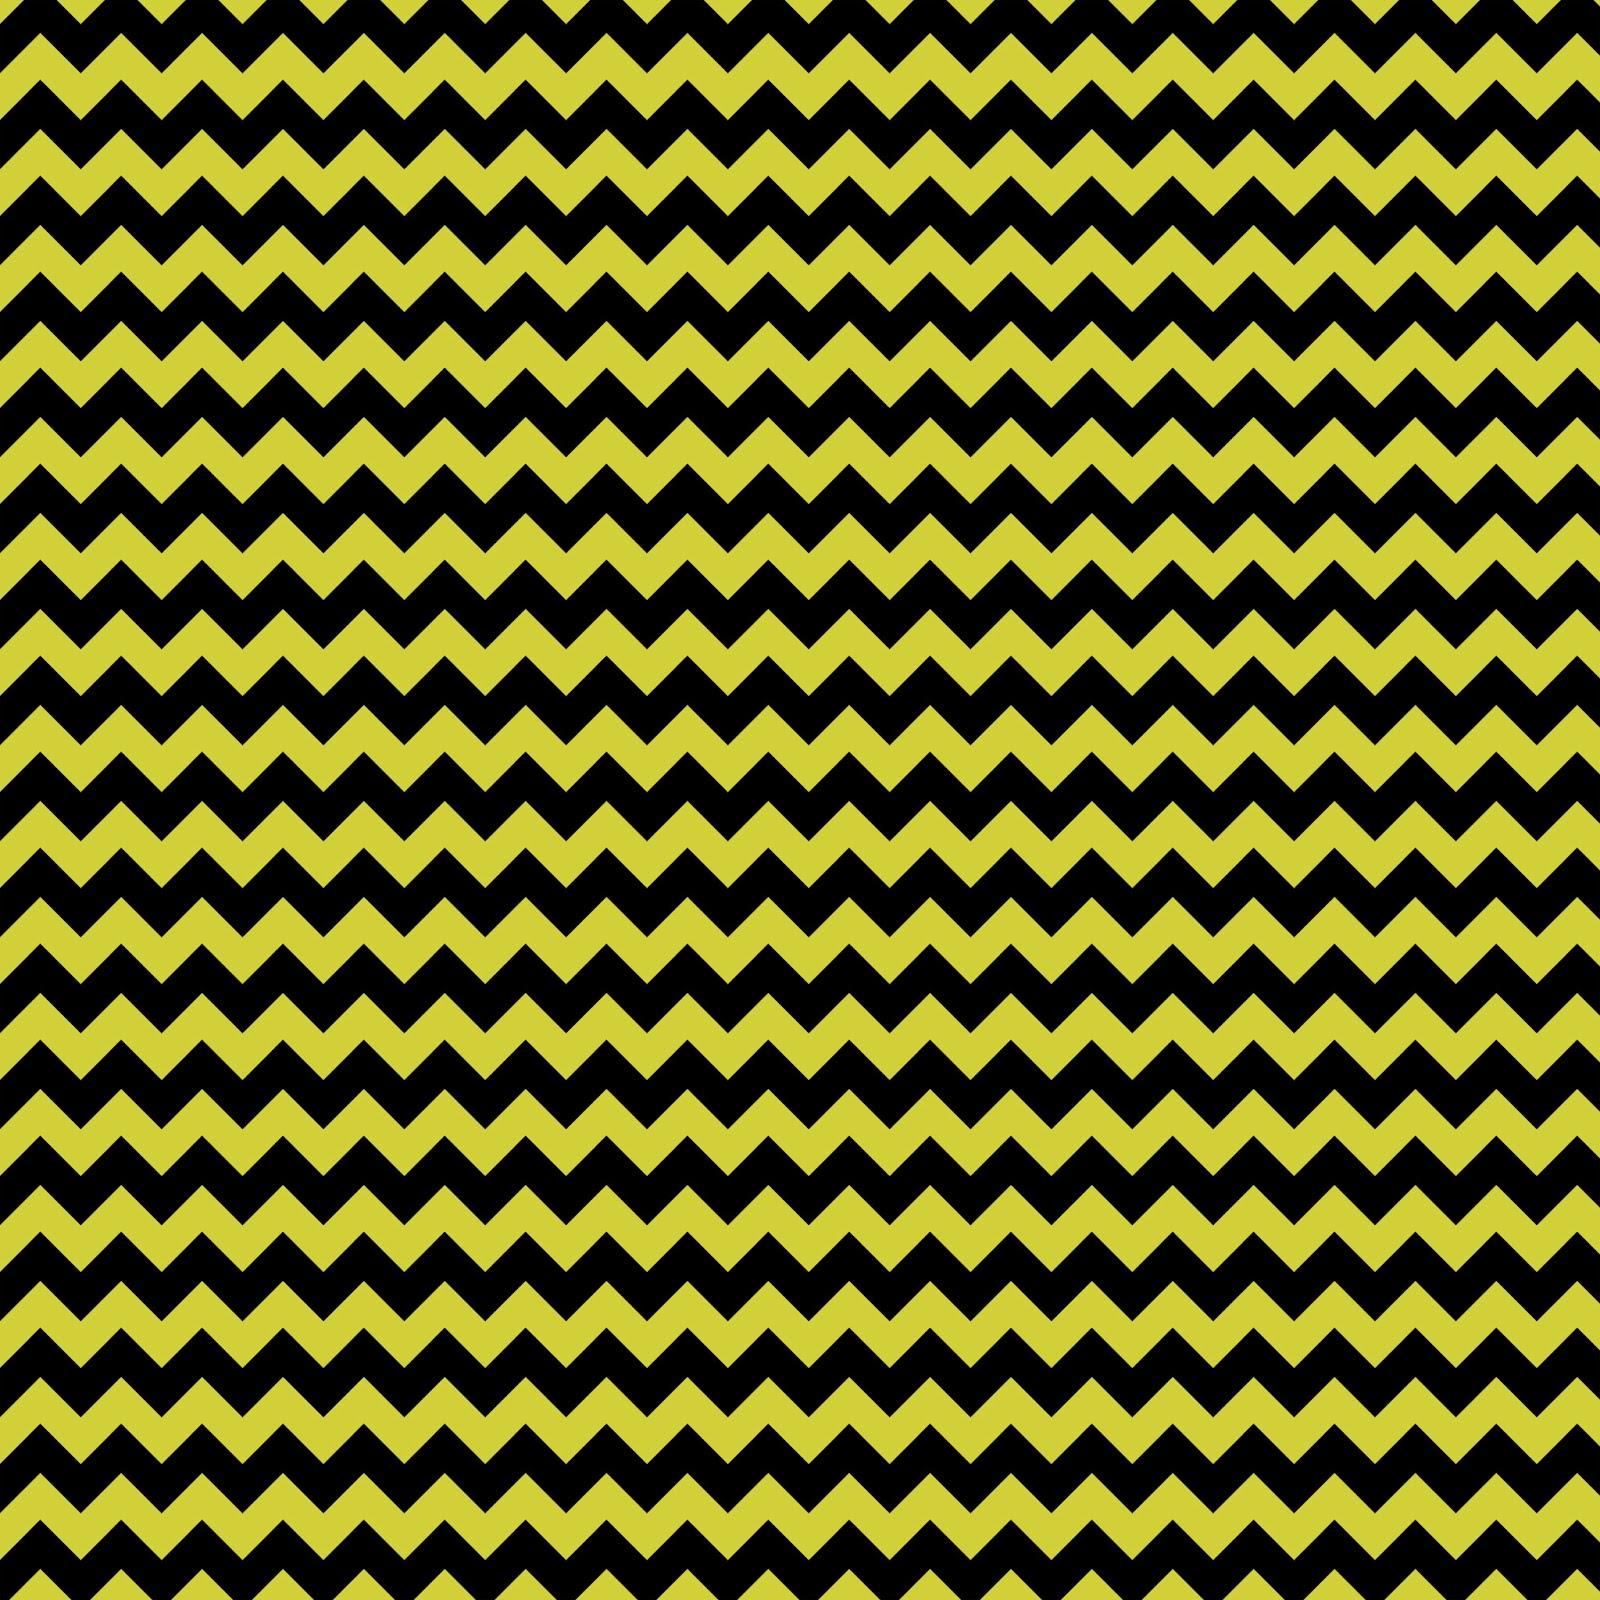 Free Zig Zag Chevron Background Patterns